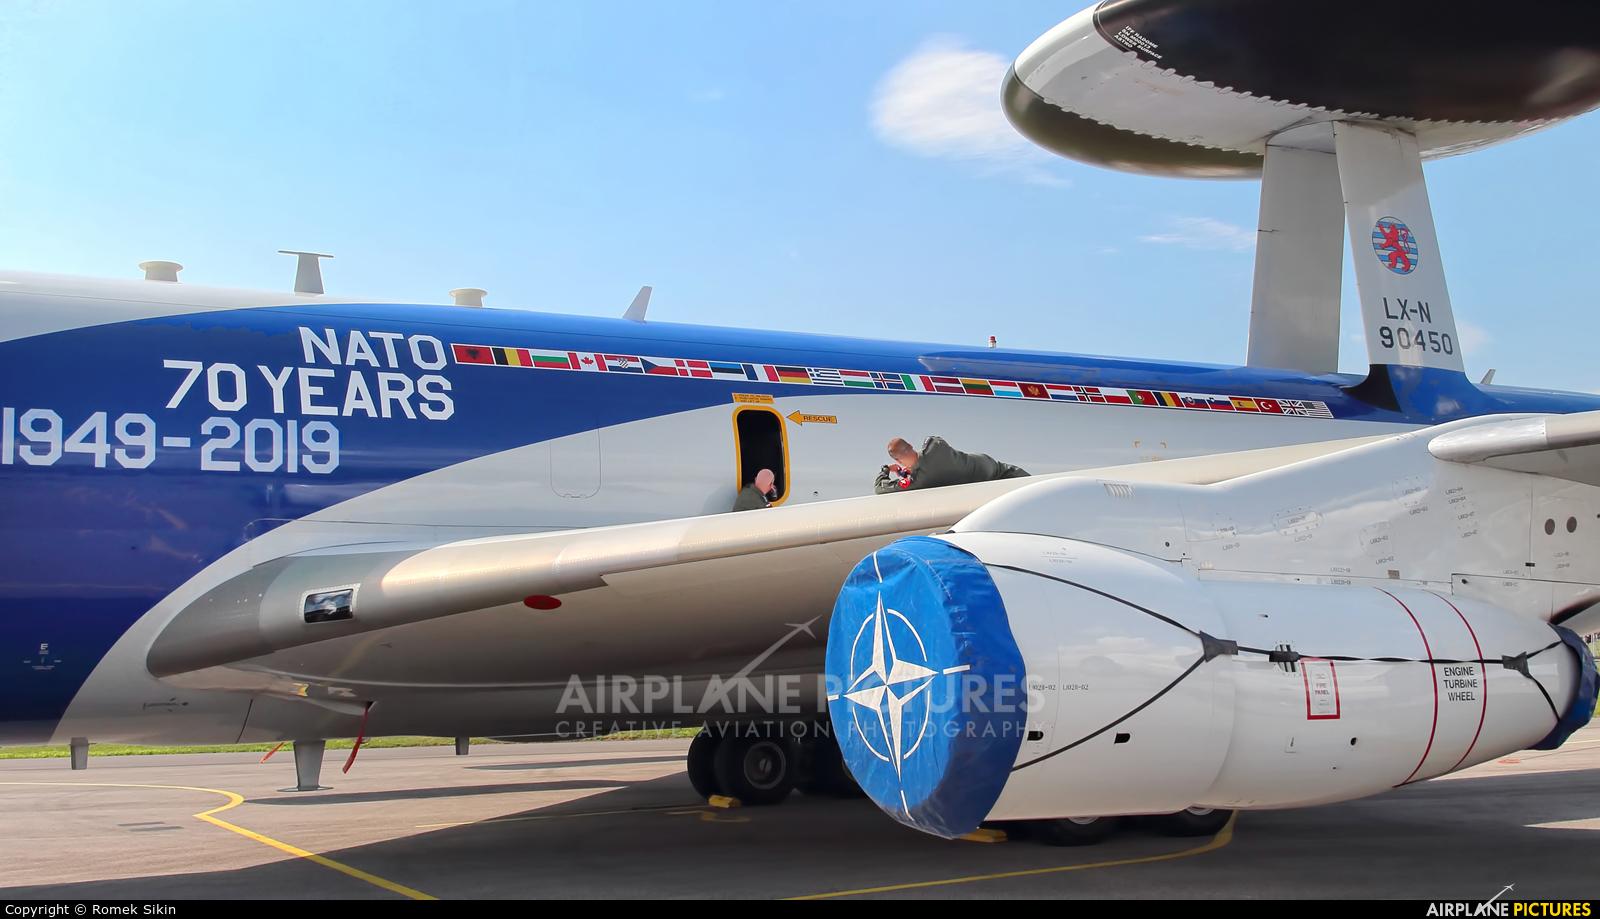 NATO LX-N90450 aircraft at Sliač